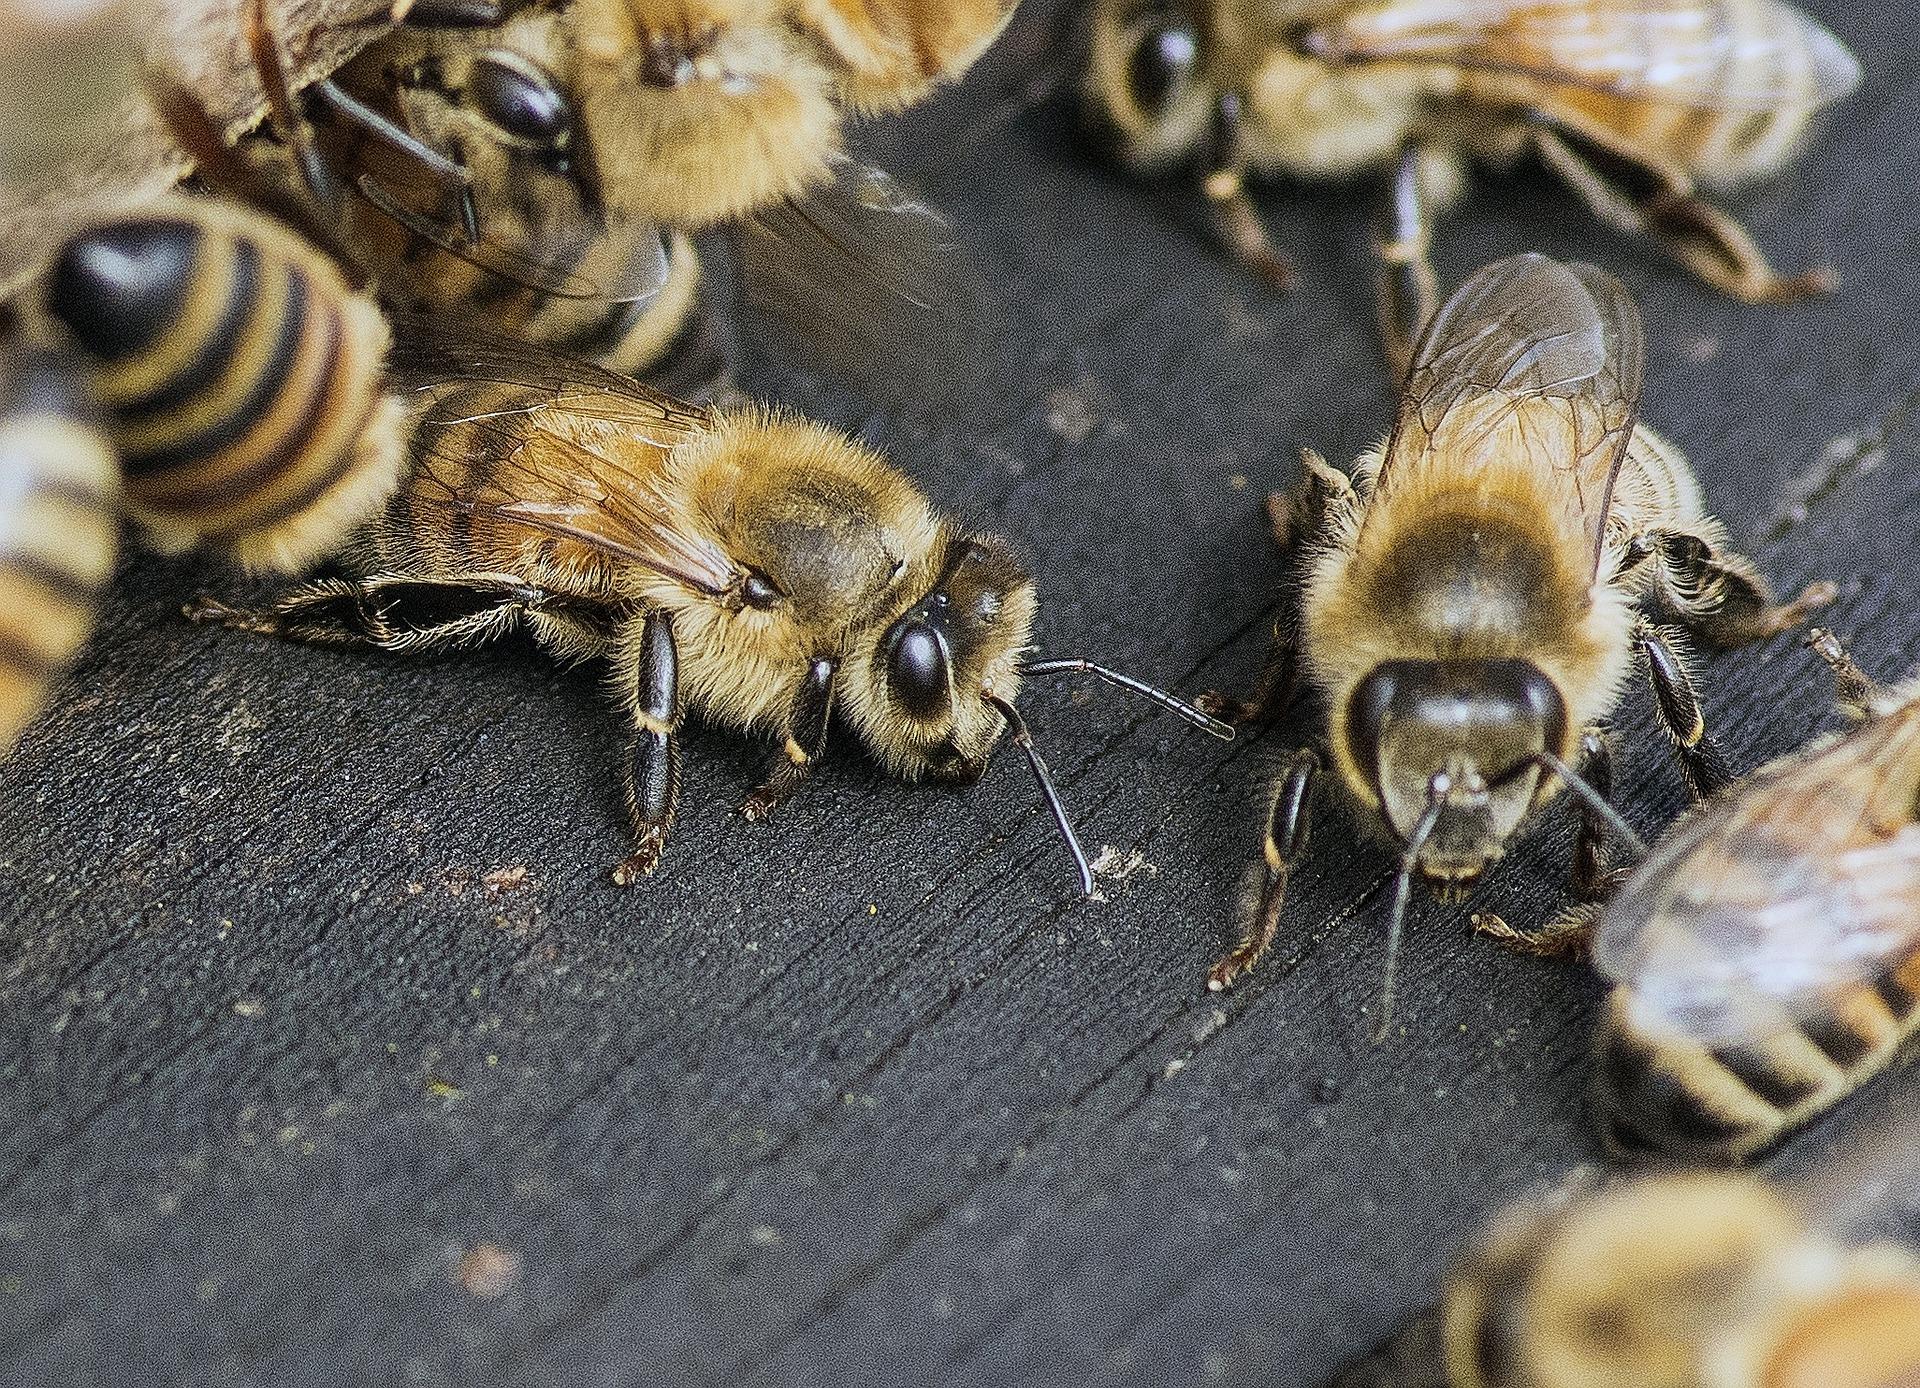 Виробники меду можуть отримати гранти від міжнародних проектів